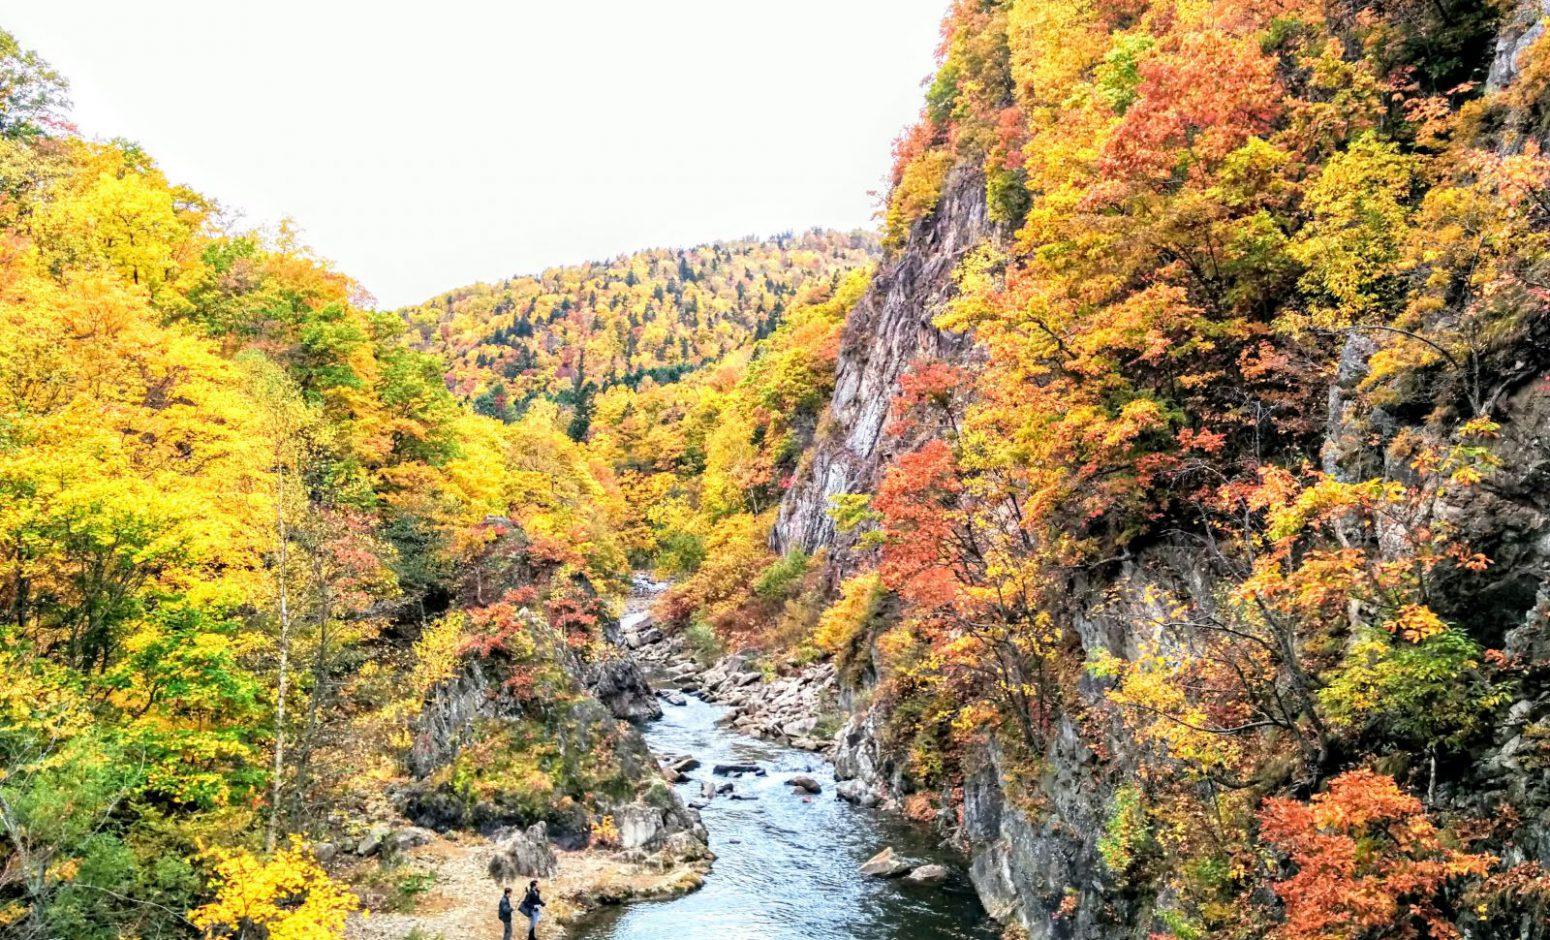 札幌市定山渓温泉二見吊橋からの紅葉写真です。